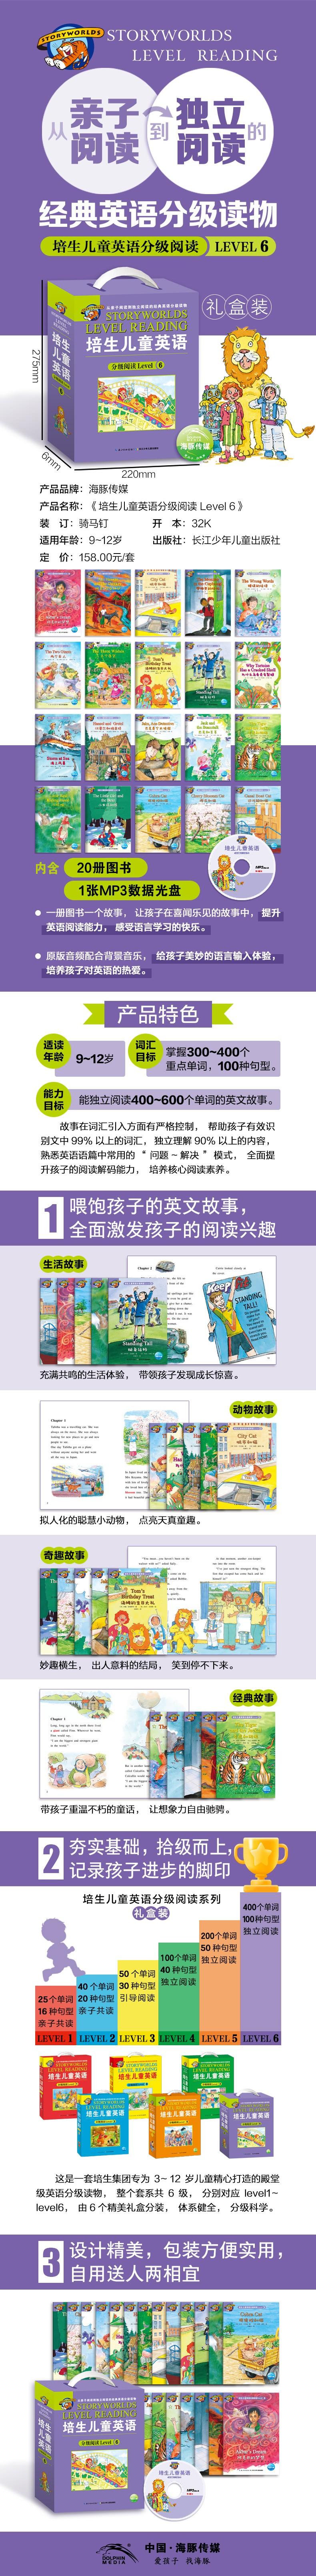 培生儿童英语分级阅读-礼盒版level-6-详情页-790.jpg